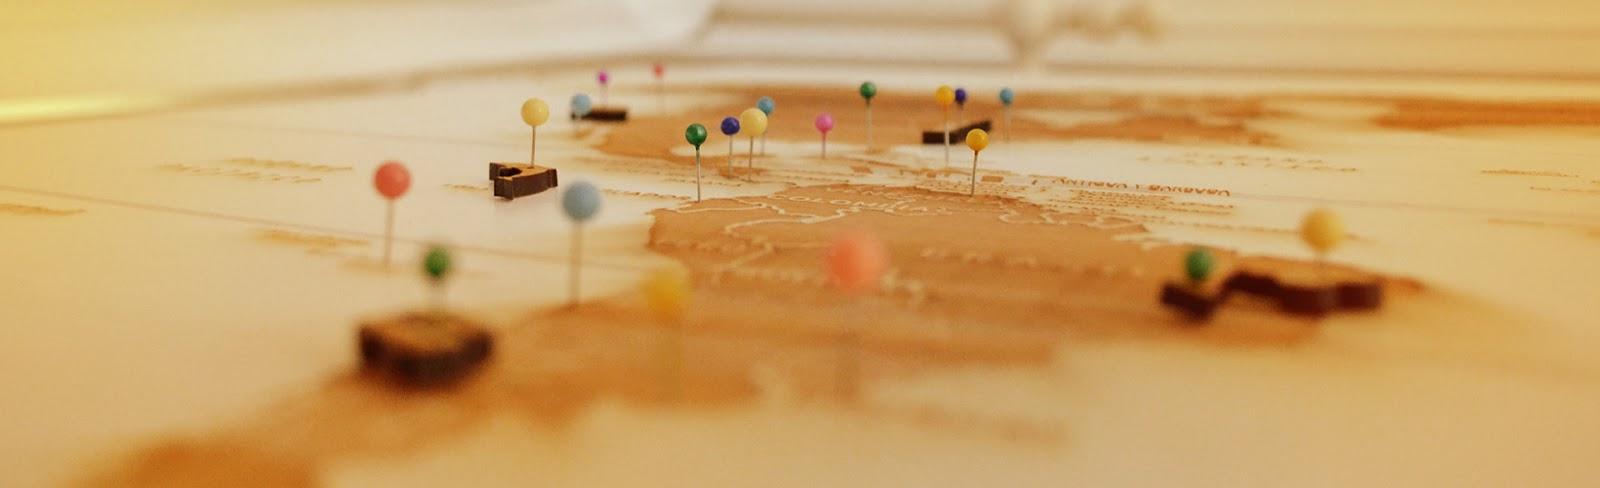 A categorização de municípios do Mapa do Turismo Brasileiro